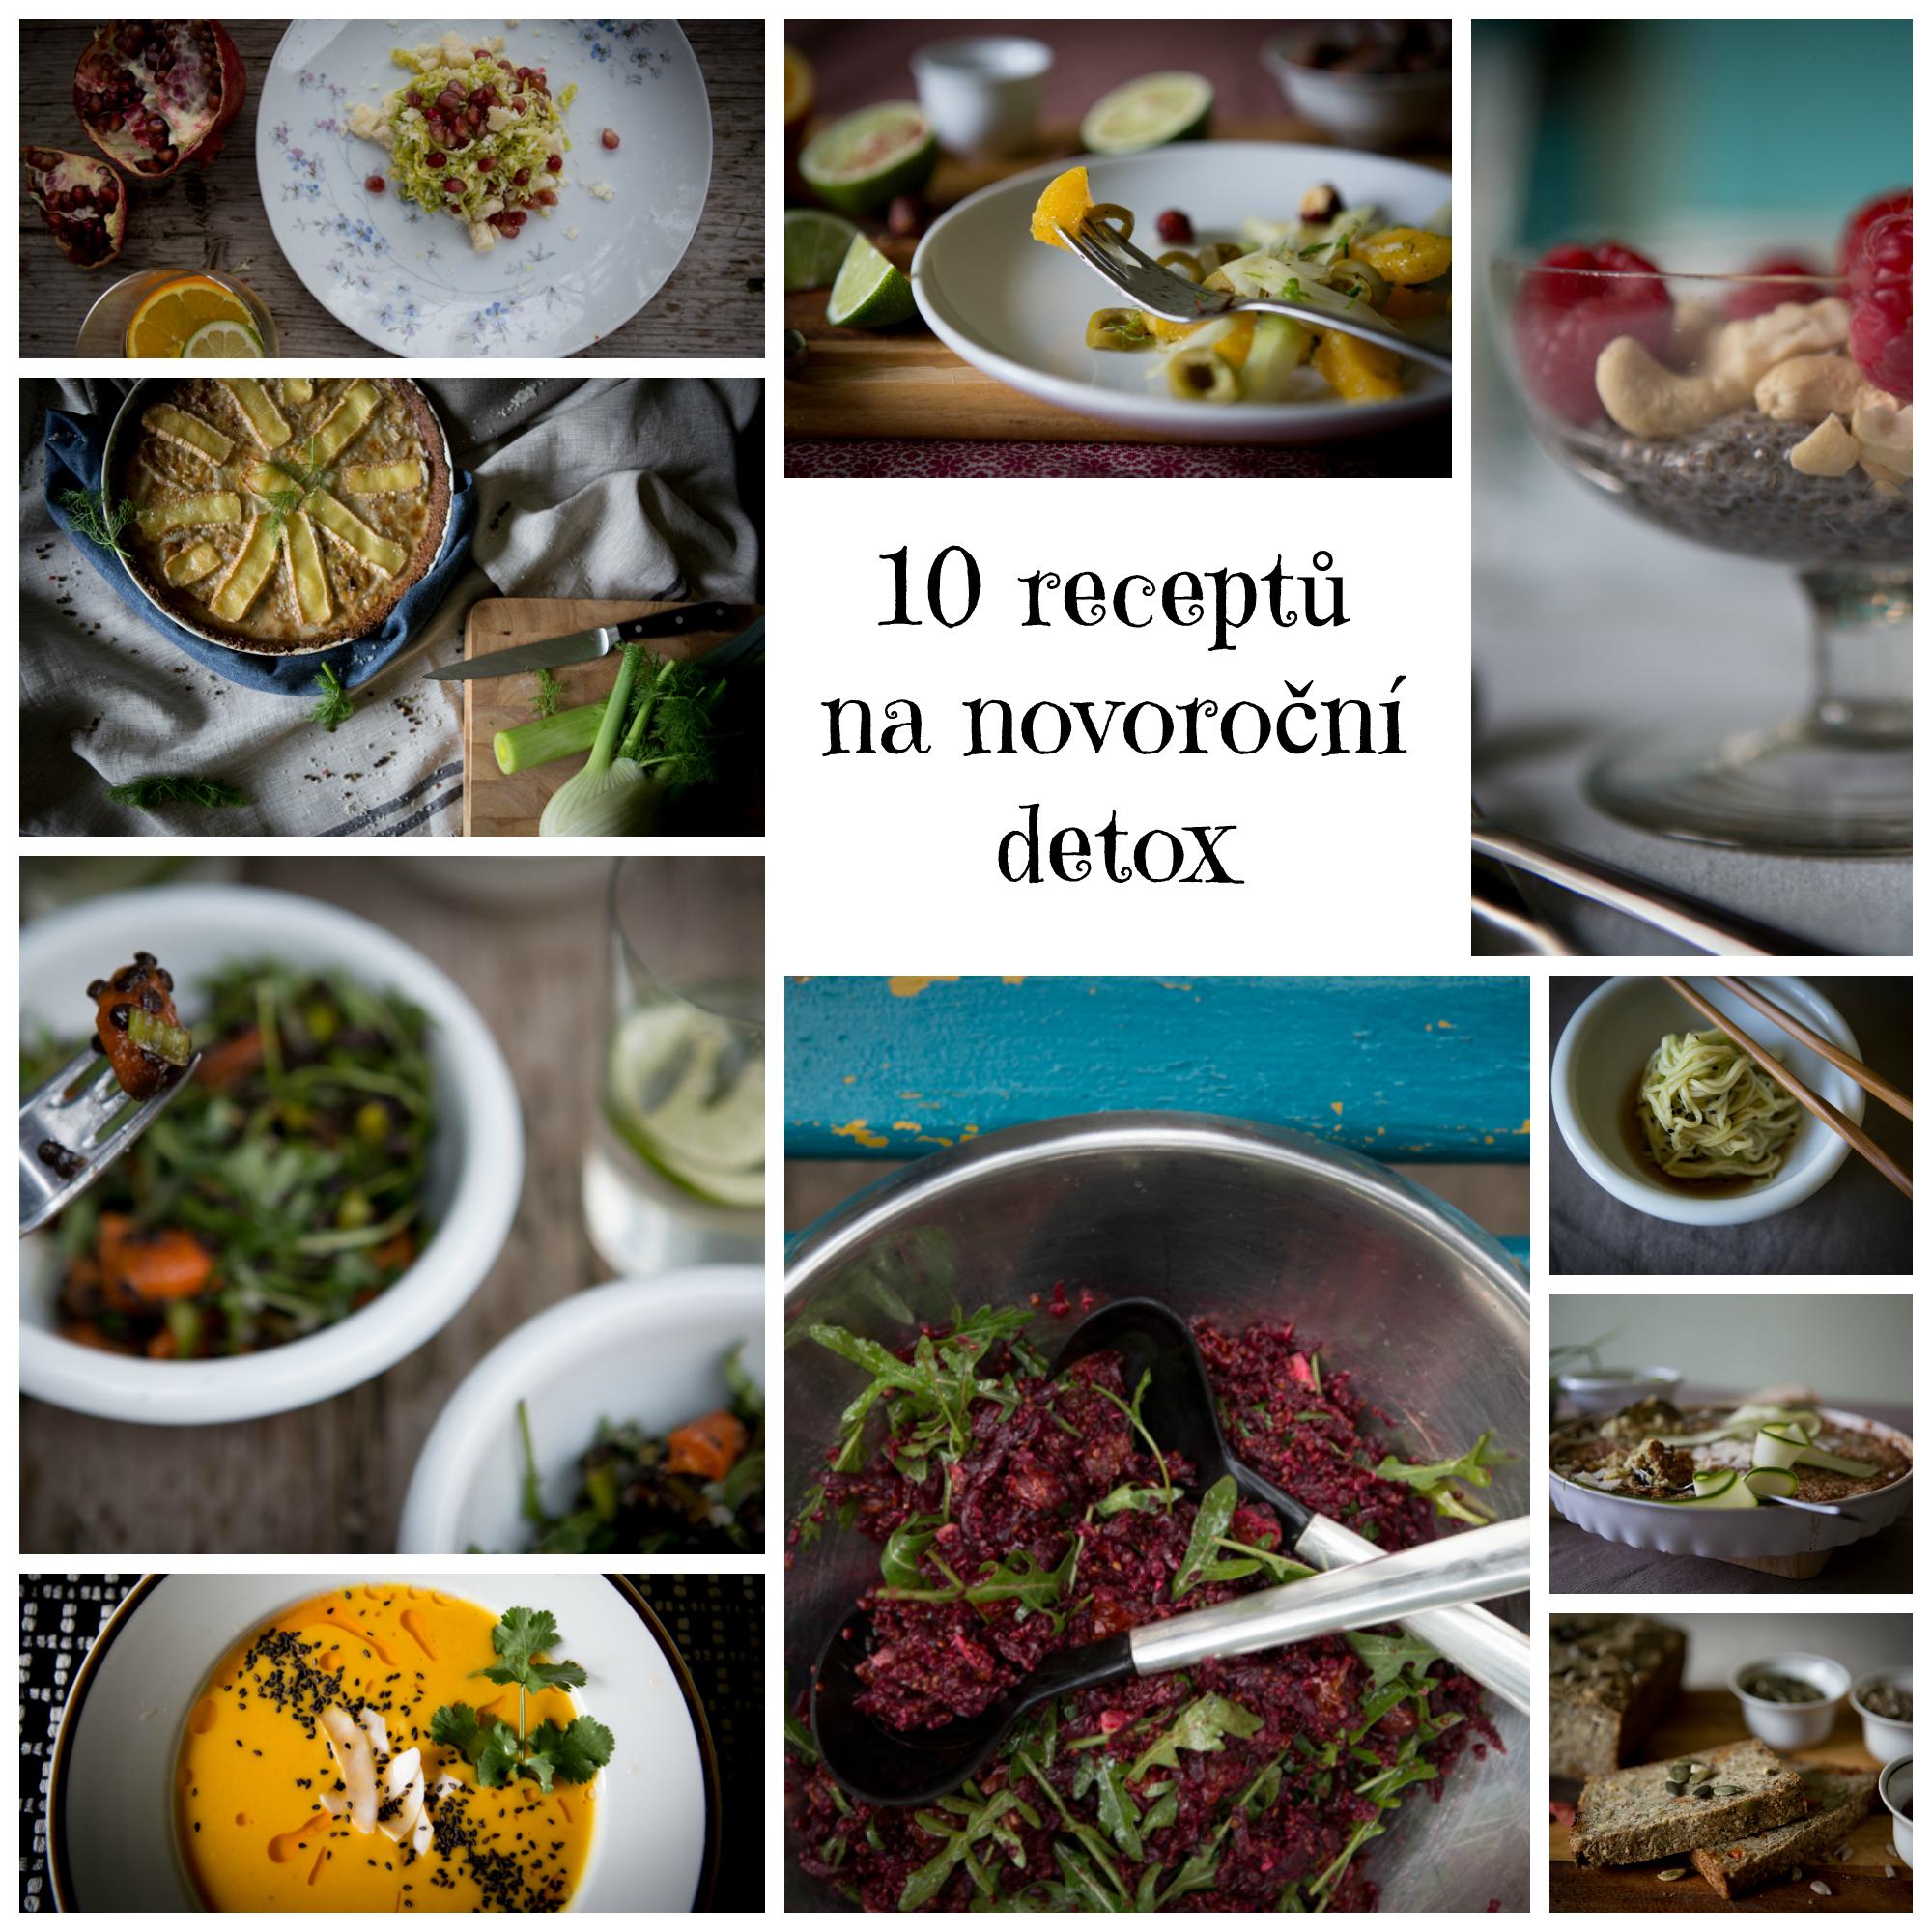 10_receptu_detox